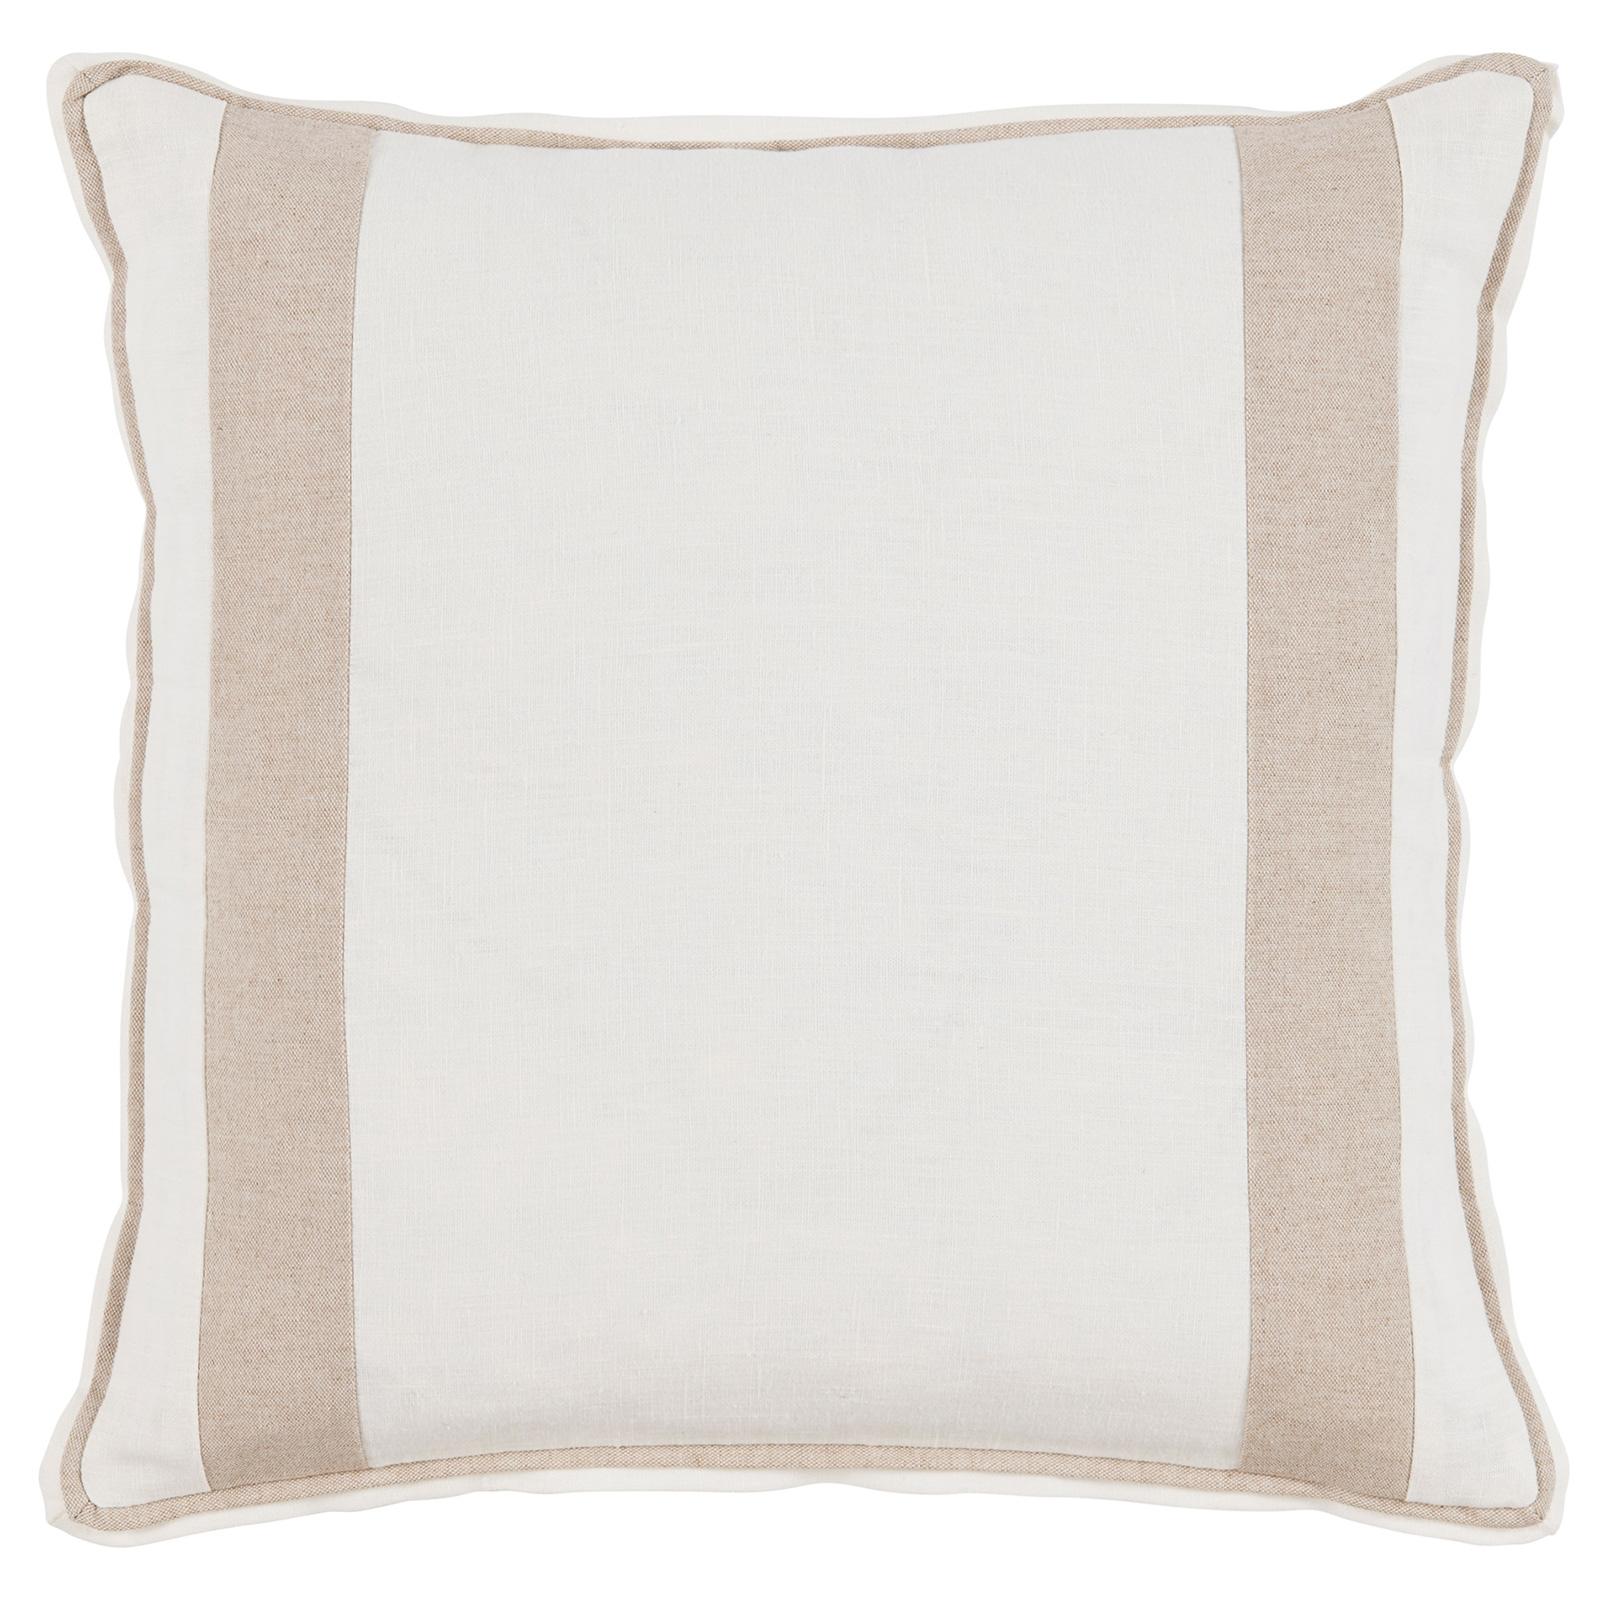 Bobbi Modern Classic Bold Stripe White Linen Pillow - 20x20